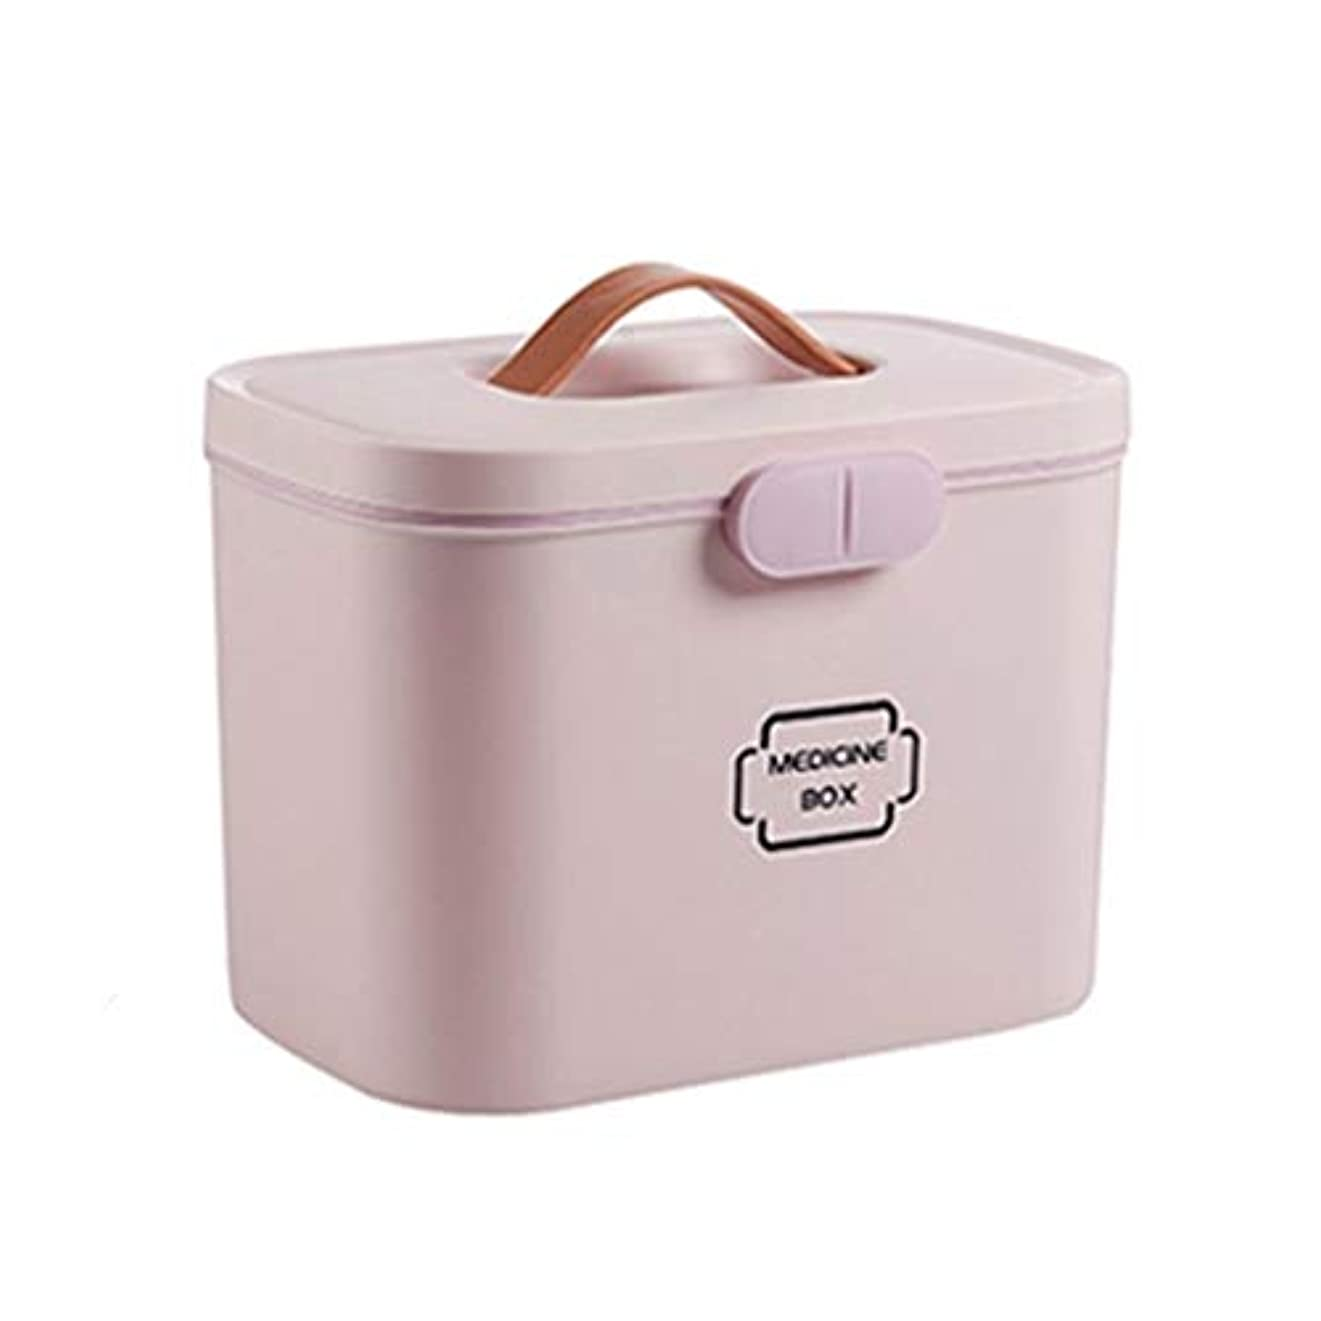 国籍明快やがて緊急用バッグ 大型医療キットポータブル救急箱家庭用薬収納ボックス旅行と職場医療用収納キット(ピンク、ブルー、ホワイト) HMMSP (Color : Pink)